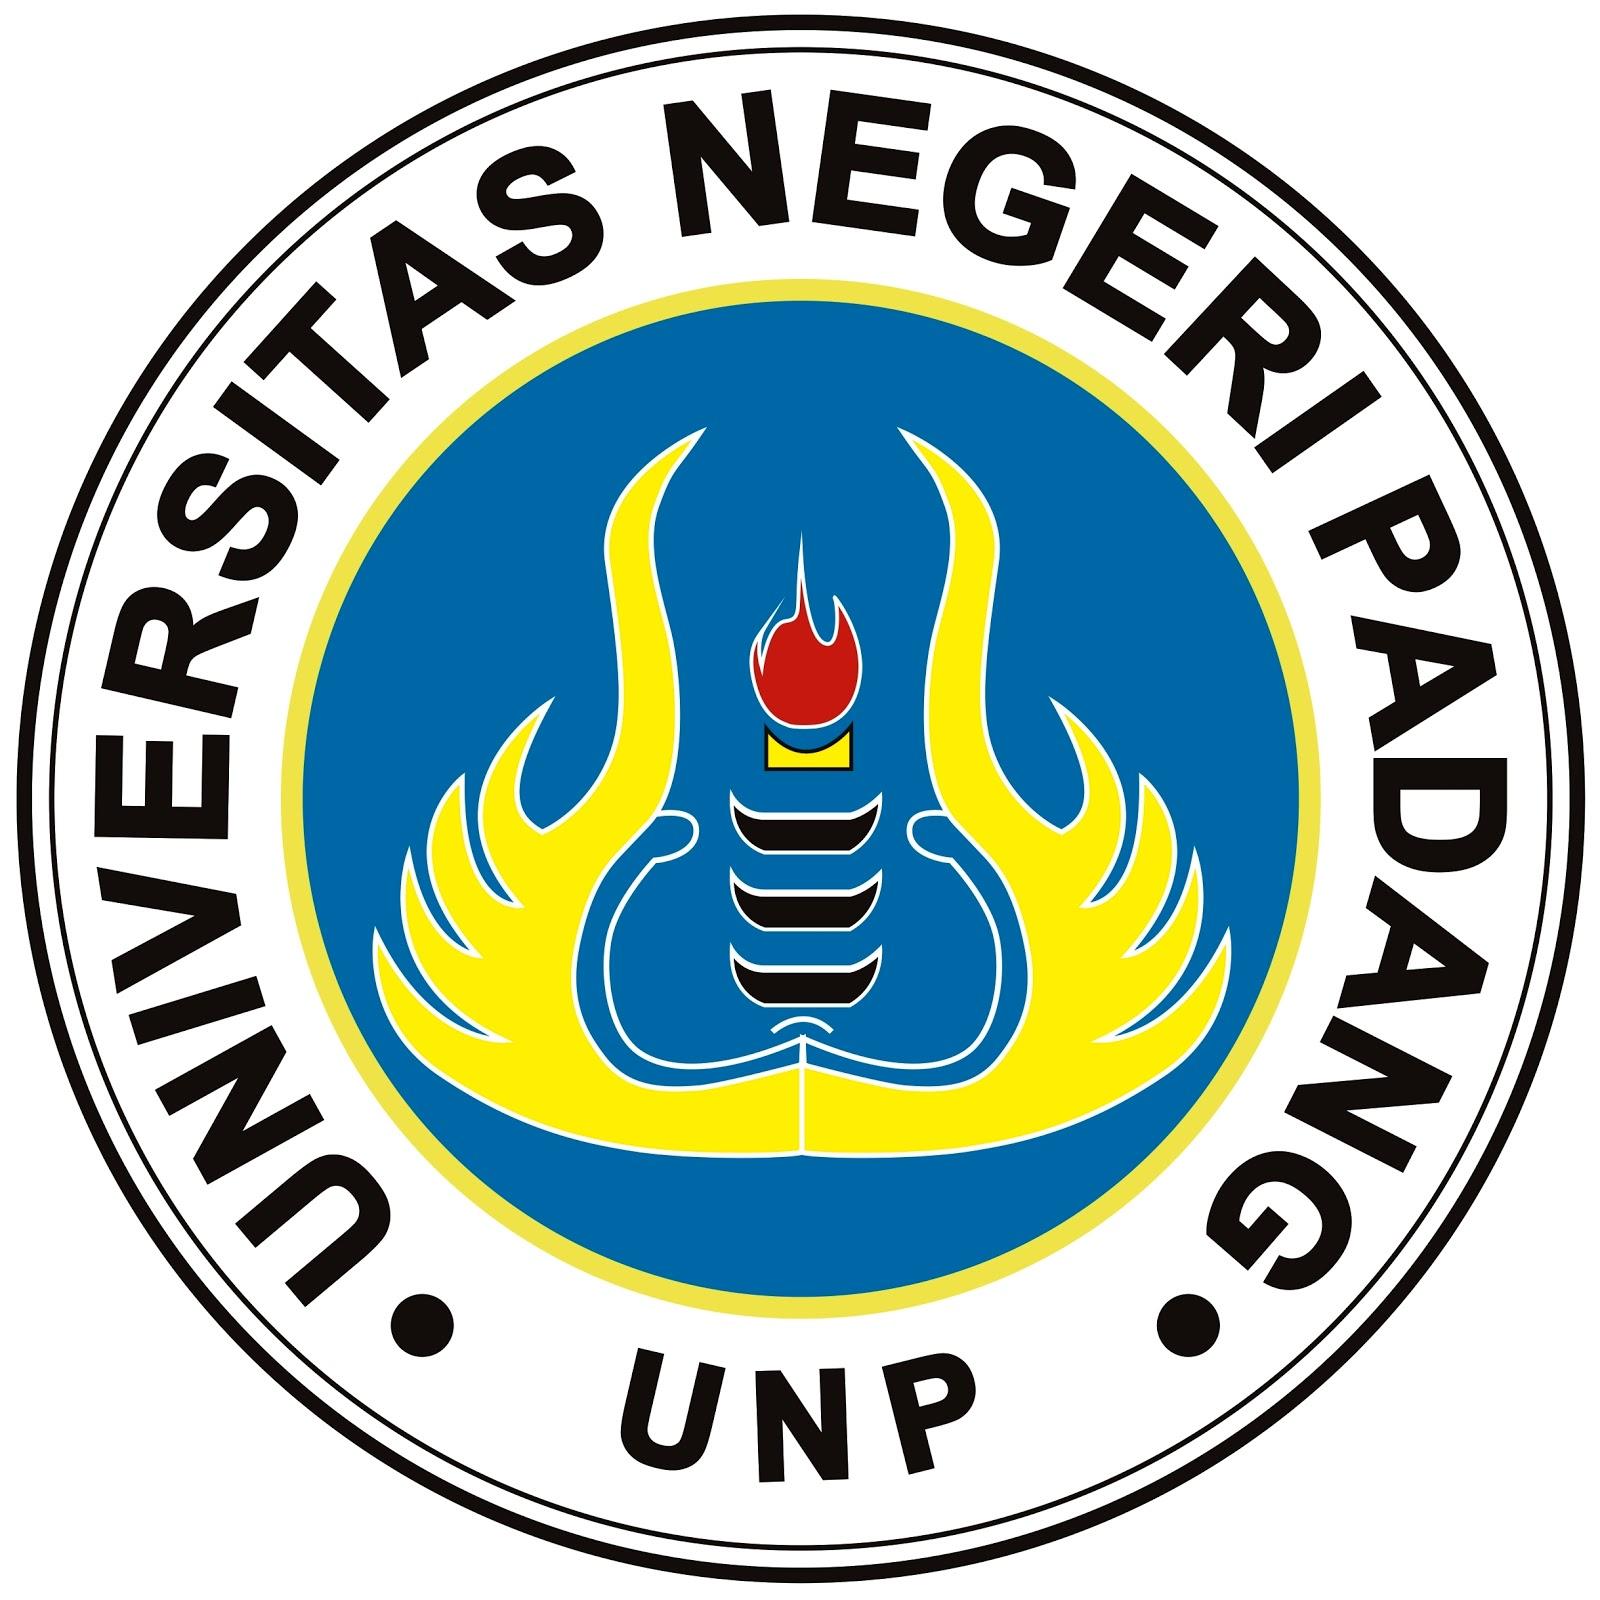 Penerimaan Cpns Padang 2013 Pengumuman Tata Cara Penerimaan Calon Praja Ipdn Institut Penerimaan Cpns Unp Universitas Negeri Padang Kawah Cerita